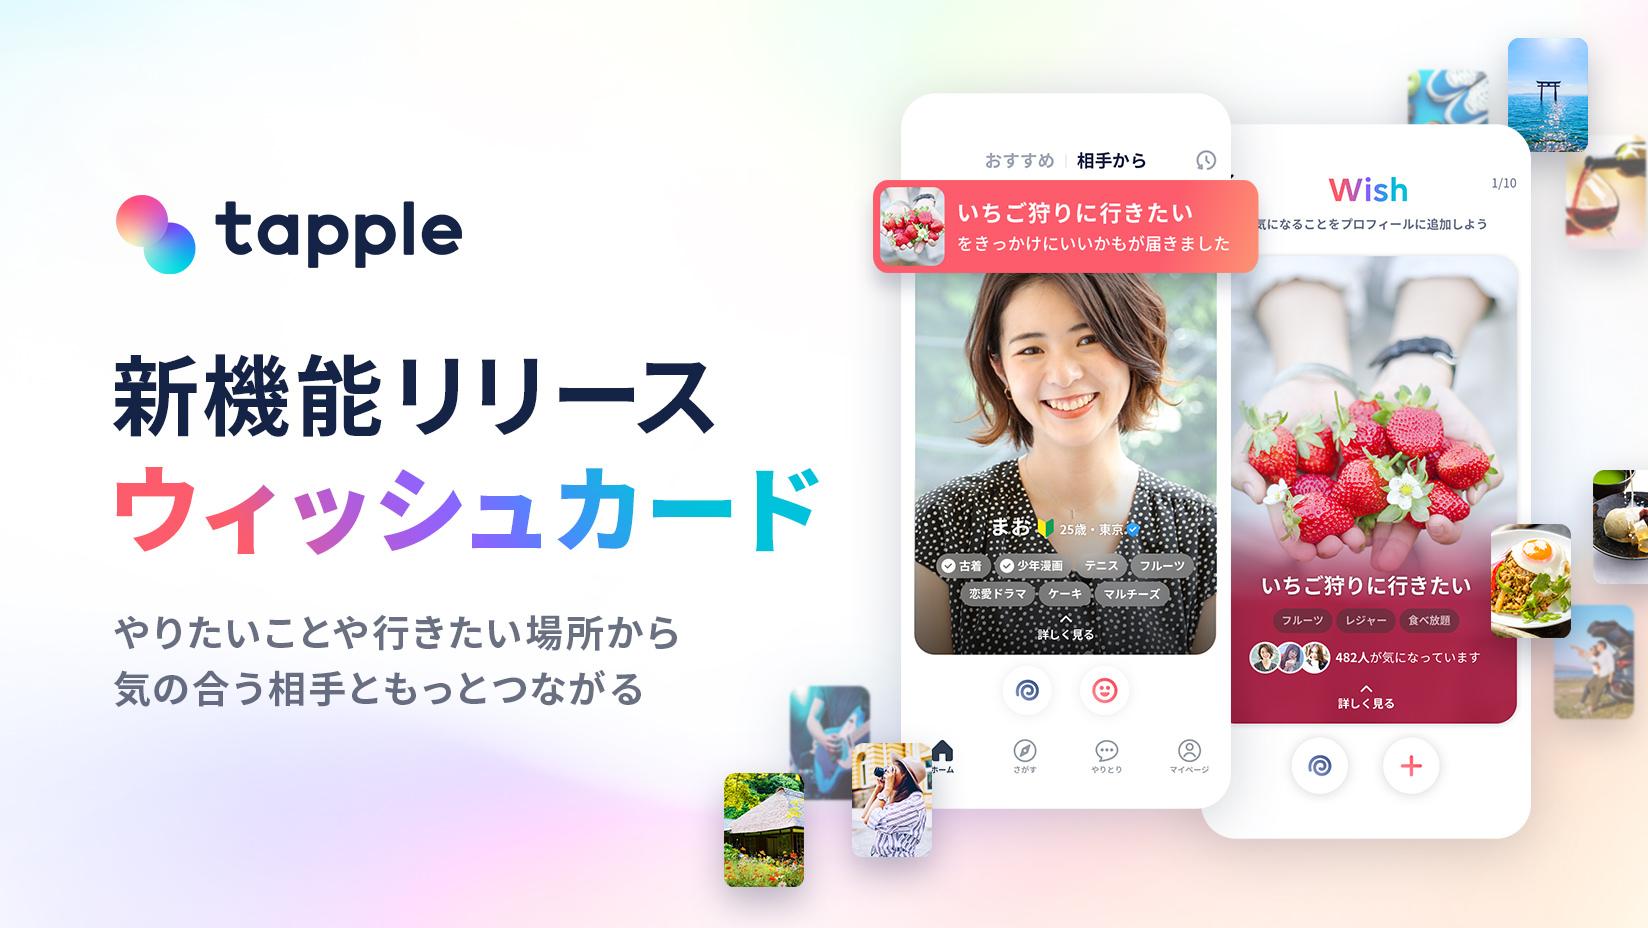 マッチングアプリ「タップル」やりたいことや行きたい場所で繋がることができる「ウィッシュカード機能」の提供を開始